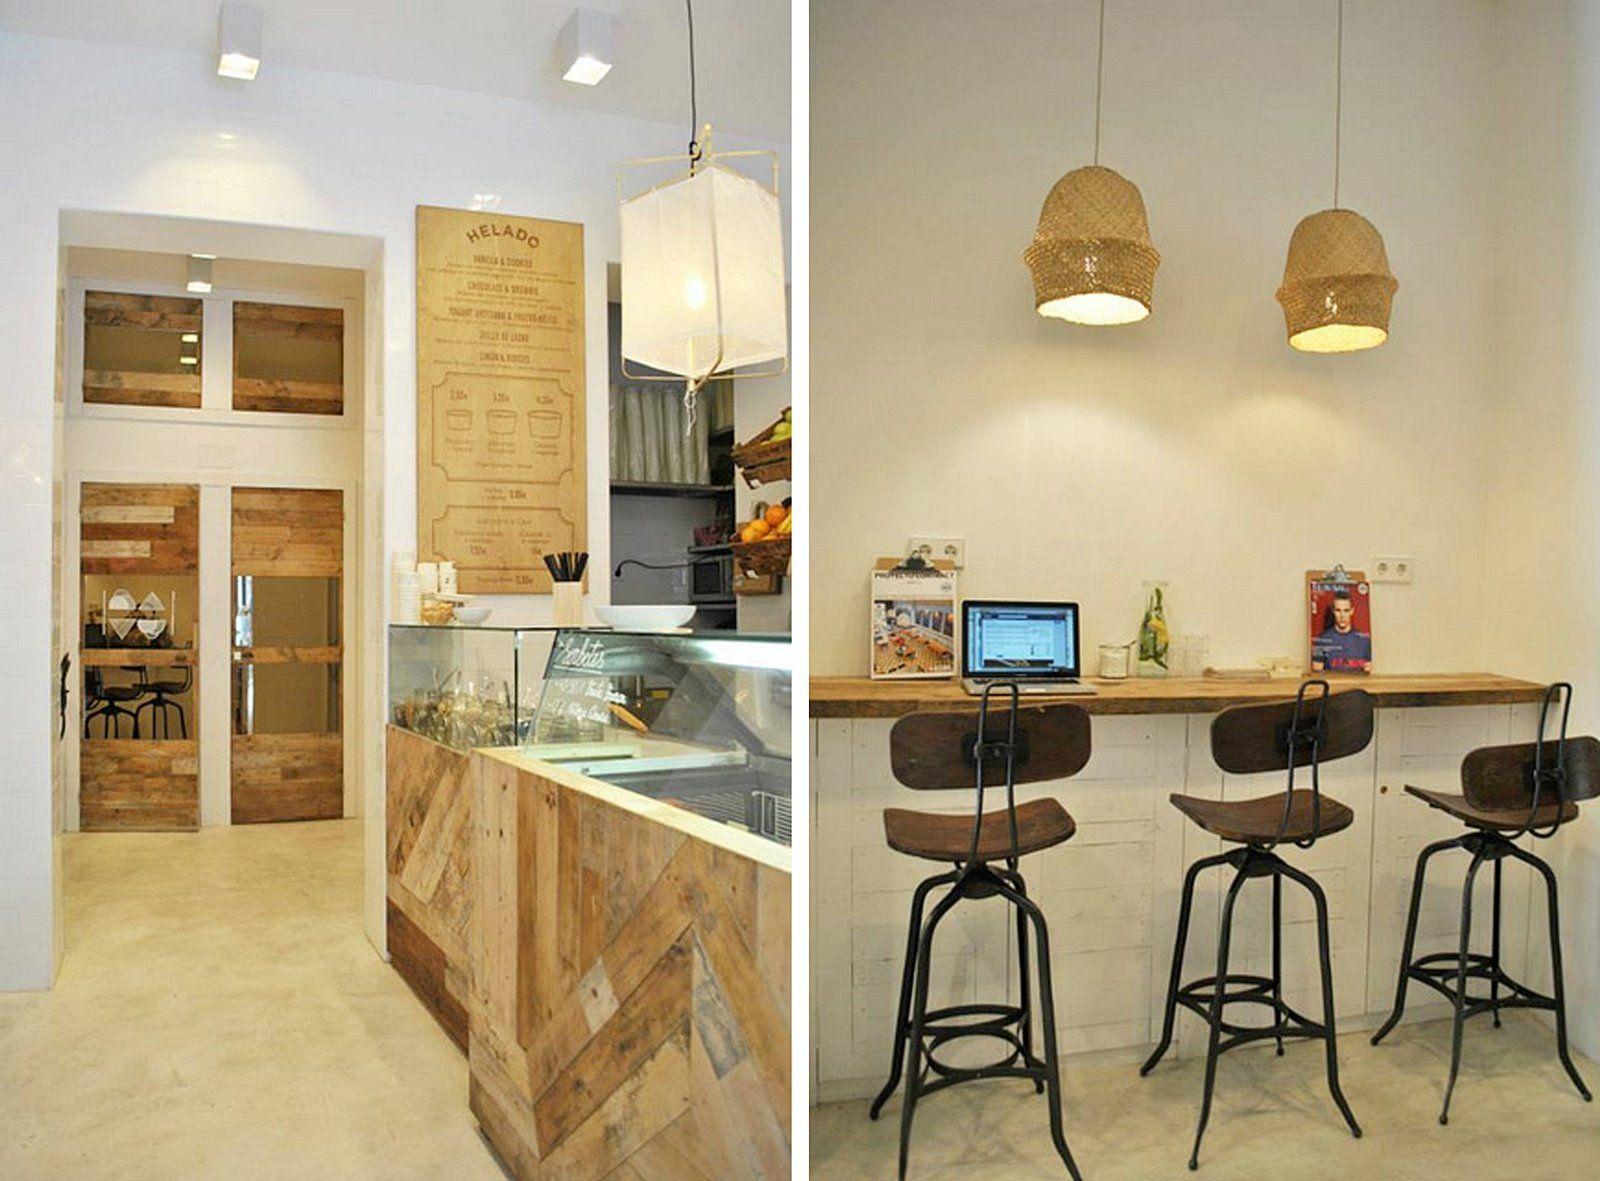 Diseño de interiores y decoración de local comercial en Madrid, Heladería Mistura de estilo noretnic